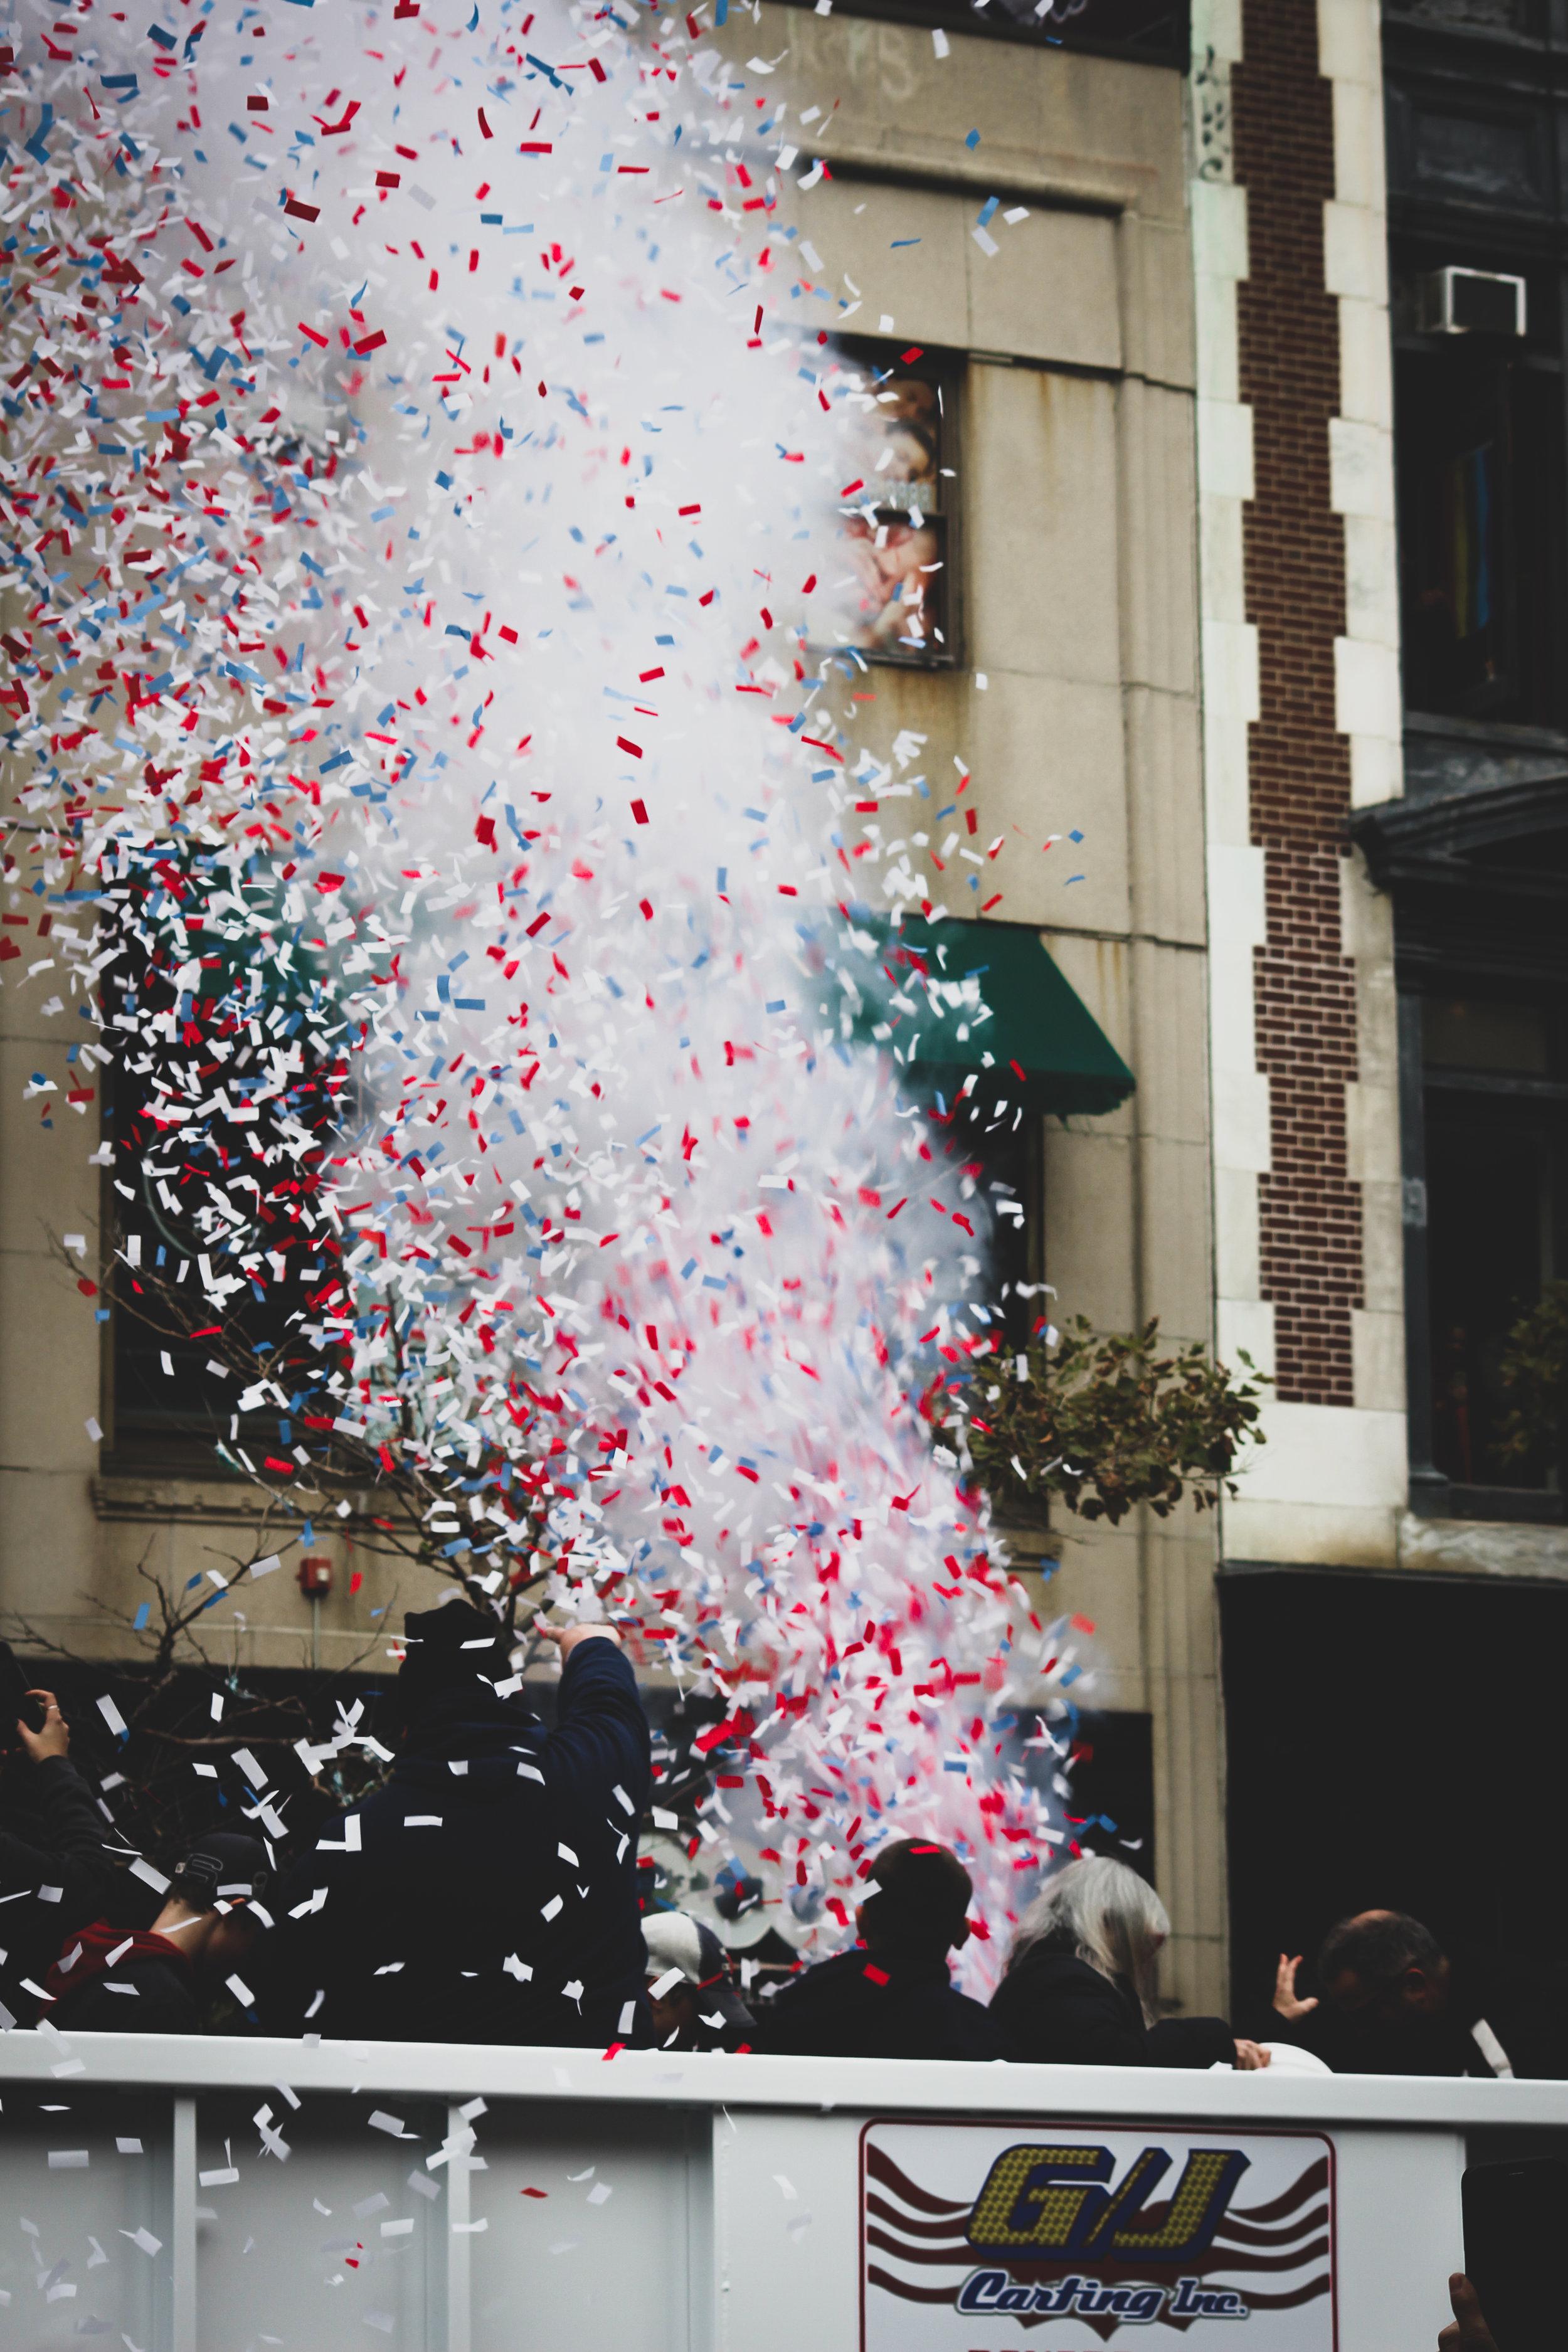 Red Sox Parade TWG-24.jpg